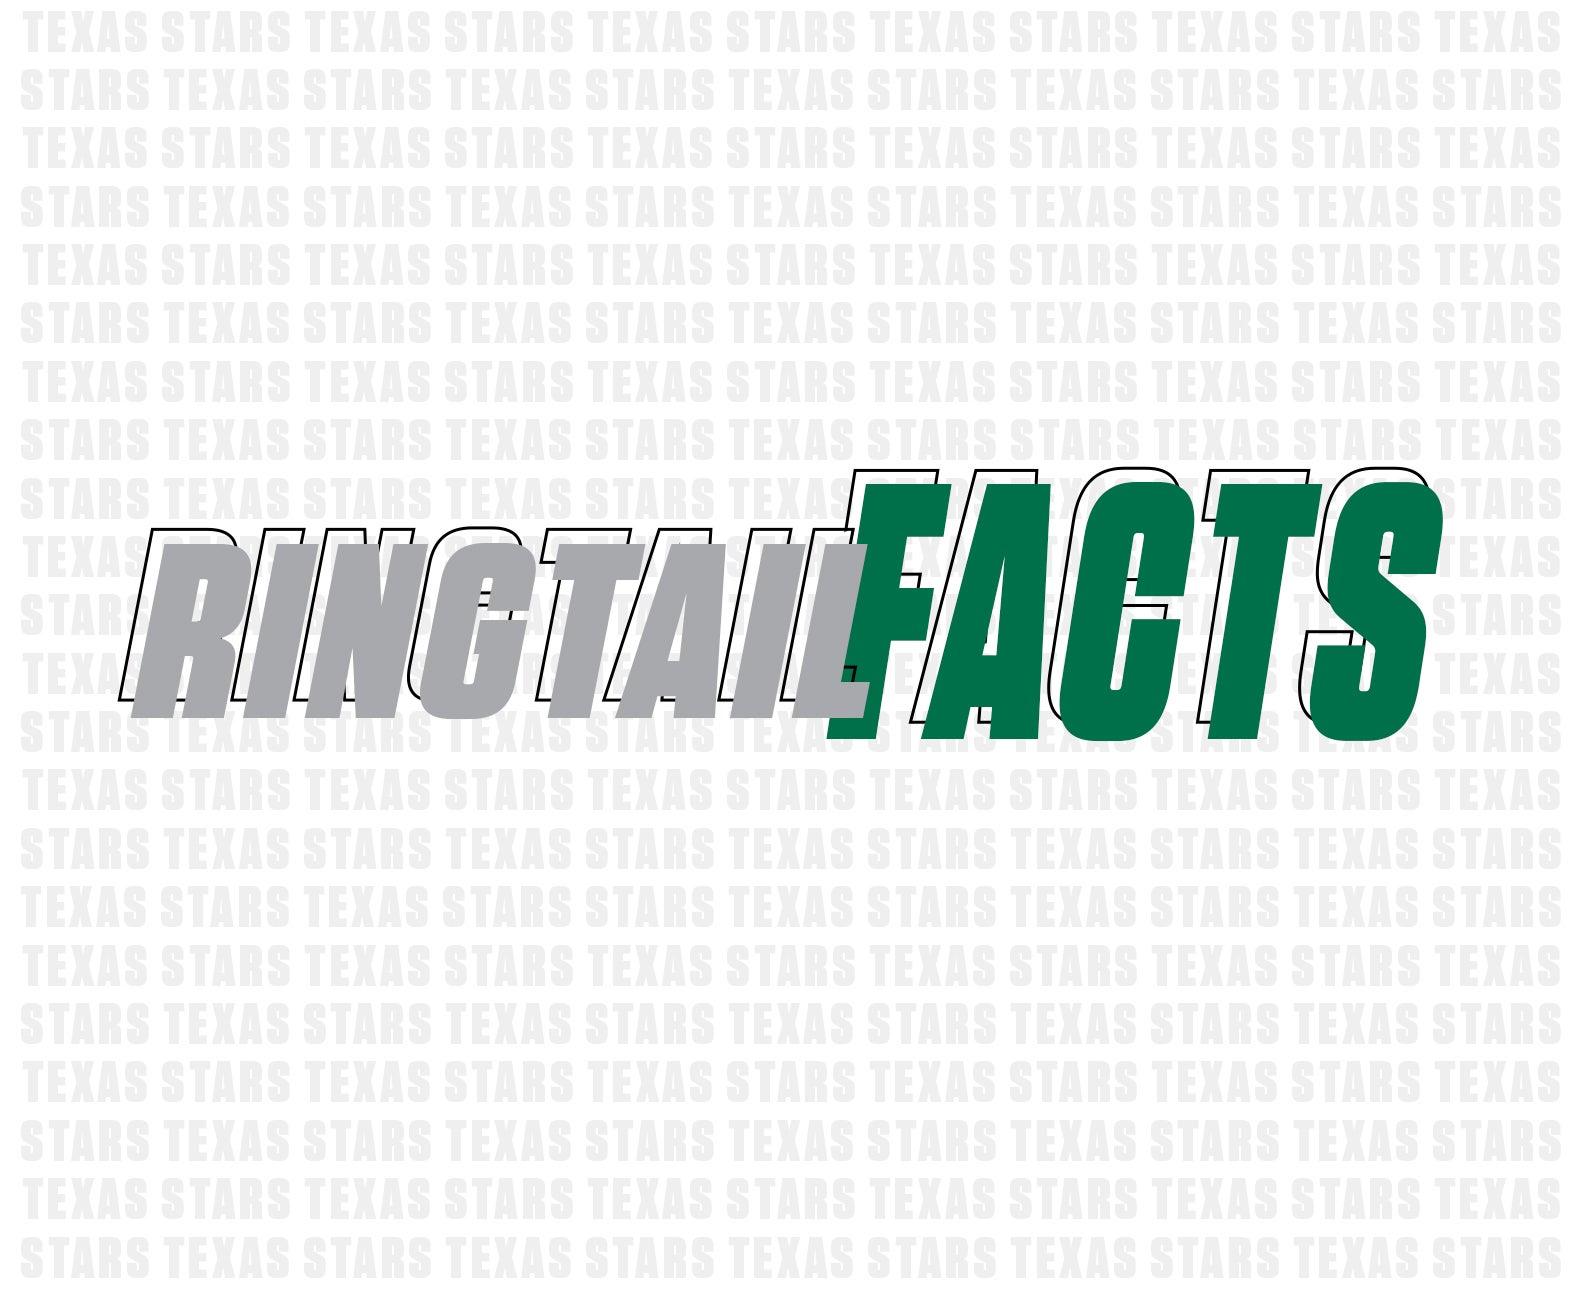 2122WebsiteButtons-RingtailFacts.jpg